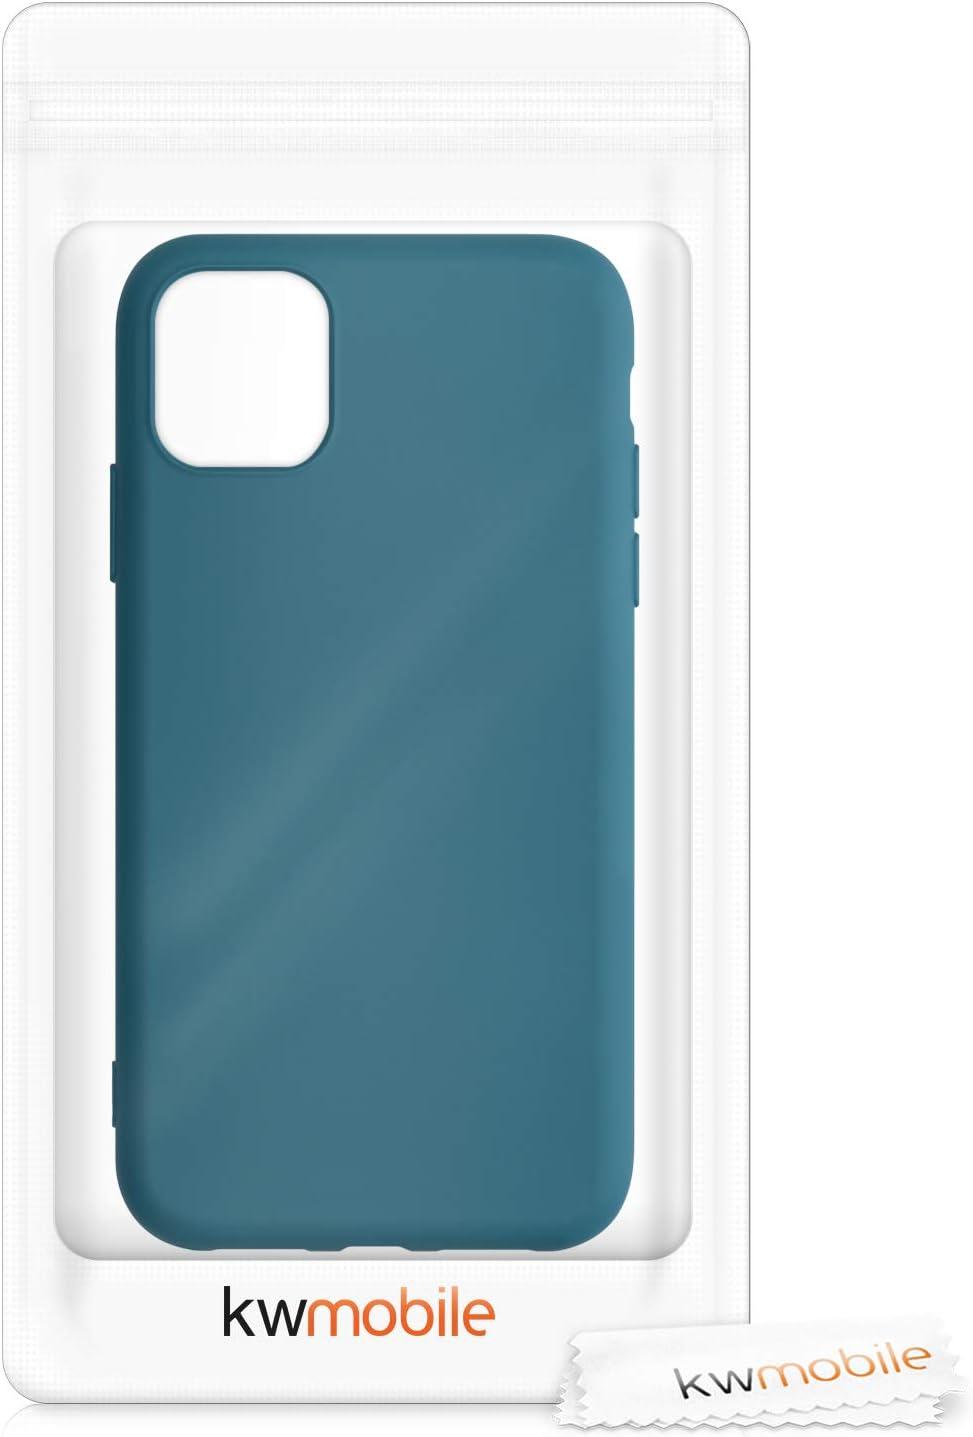 Carcasa de Silicona TPU para m/óvil Cover Trasero en Rosa Palo kwmobile Funda Compatible con Apple iPhone 11